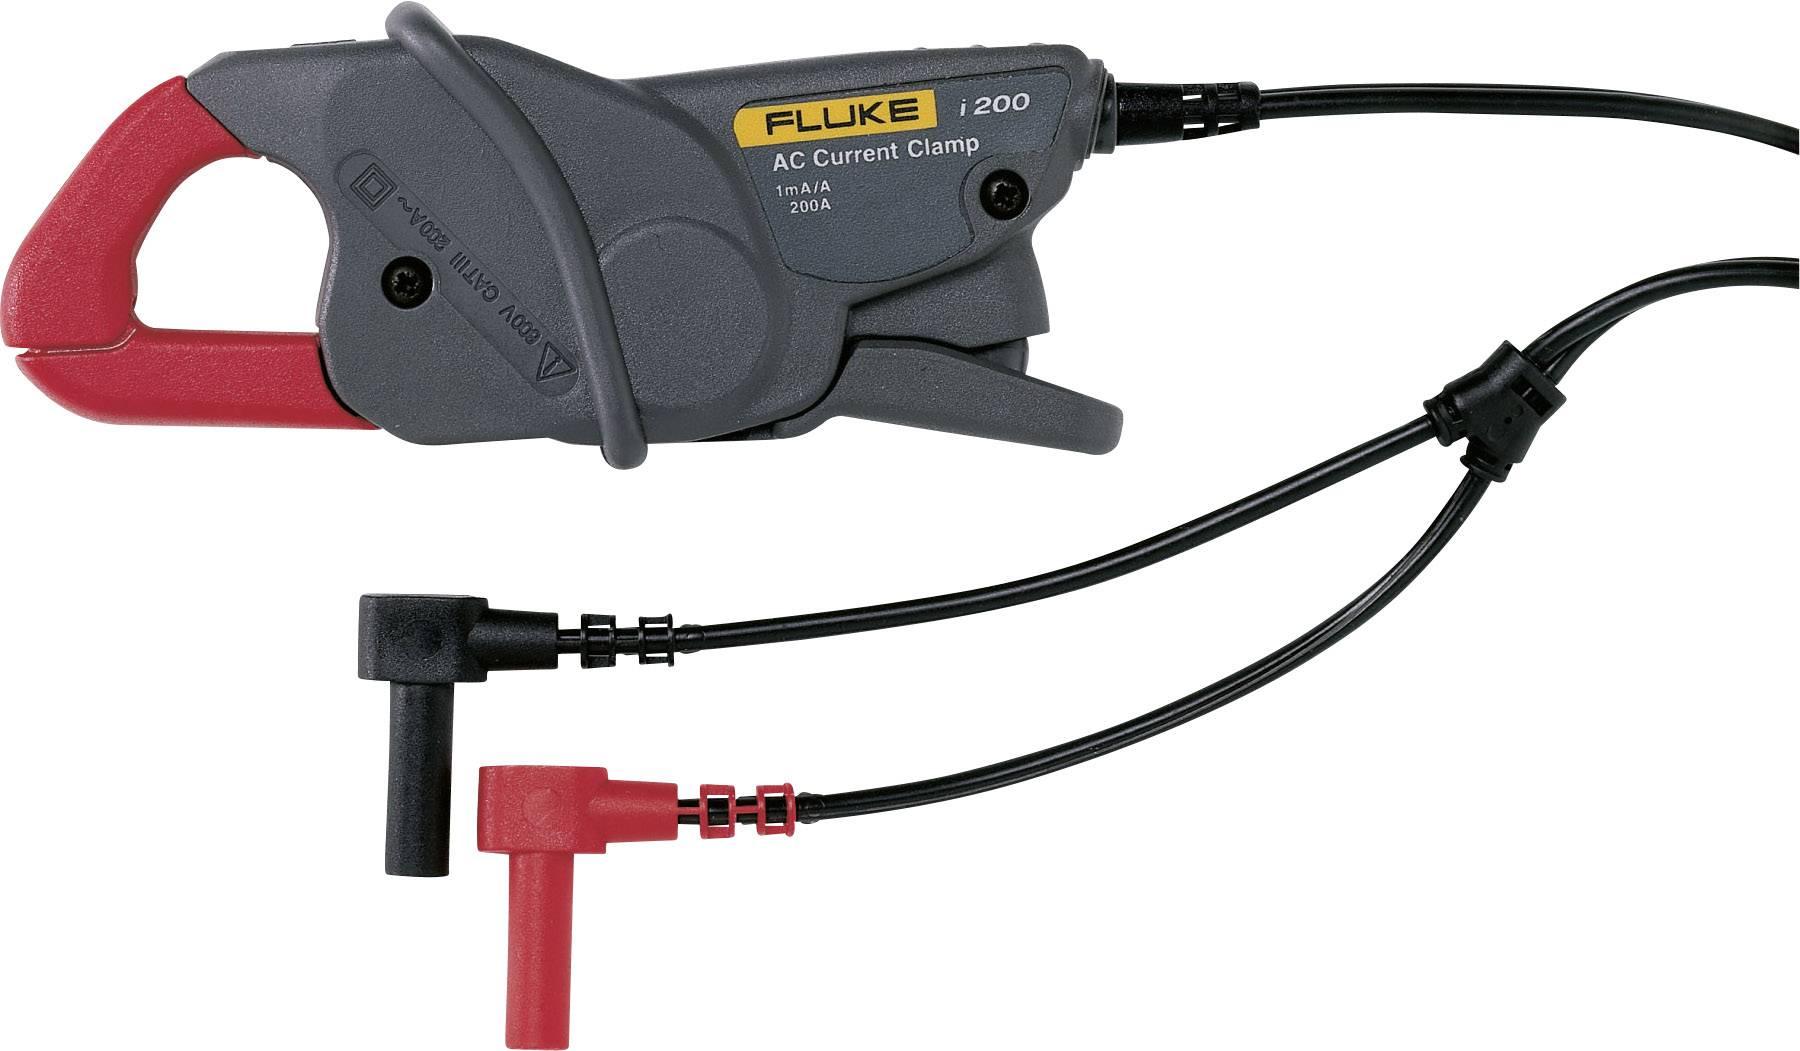 Klešťový proudový adaptér Fluke i200, 20 mm, bez certifikátu